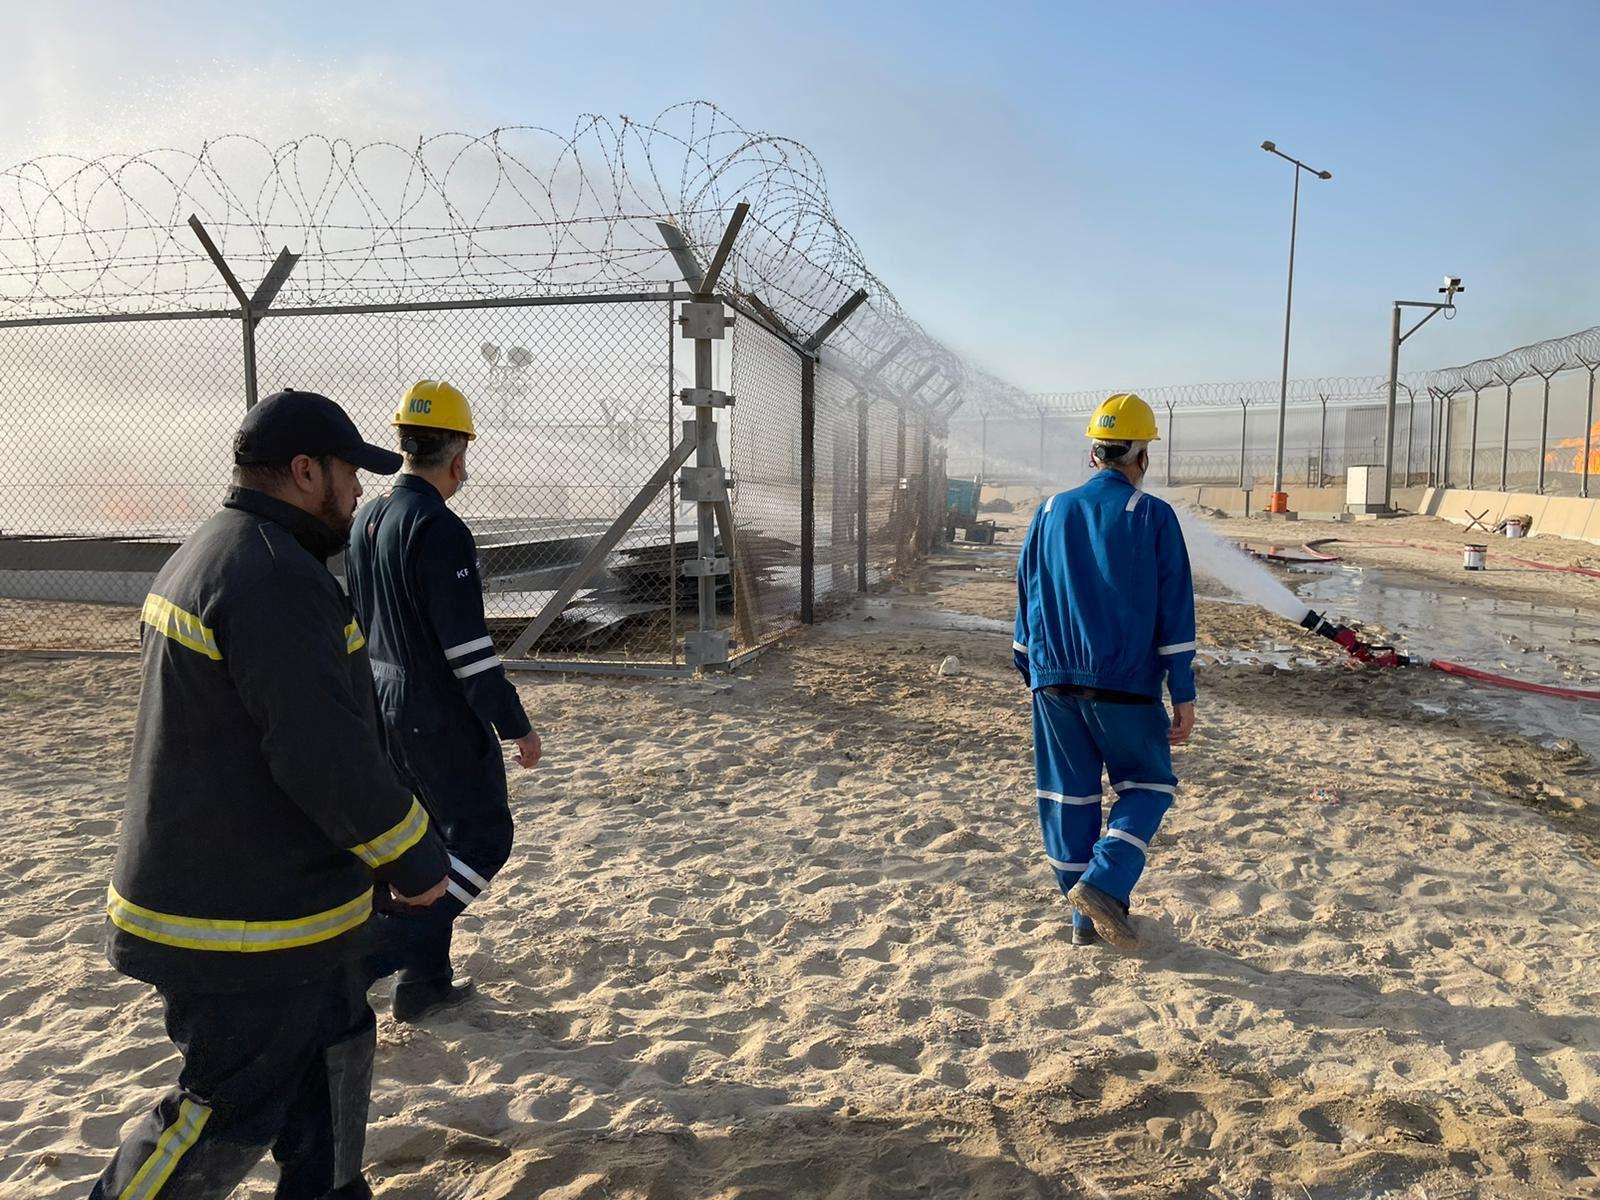 حريق في حقل نفط بالكويت